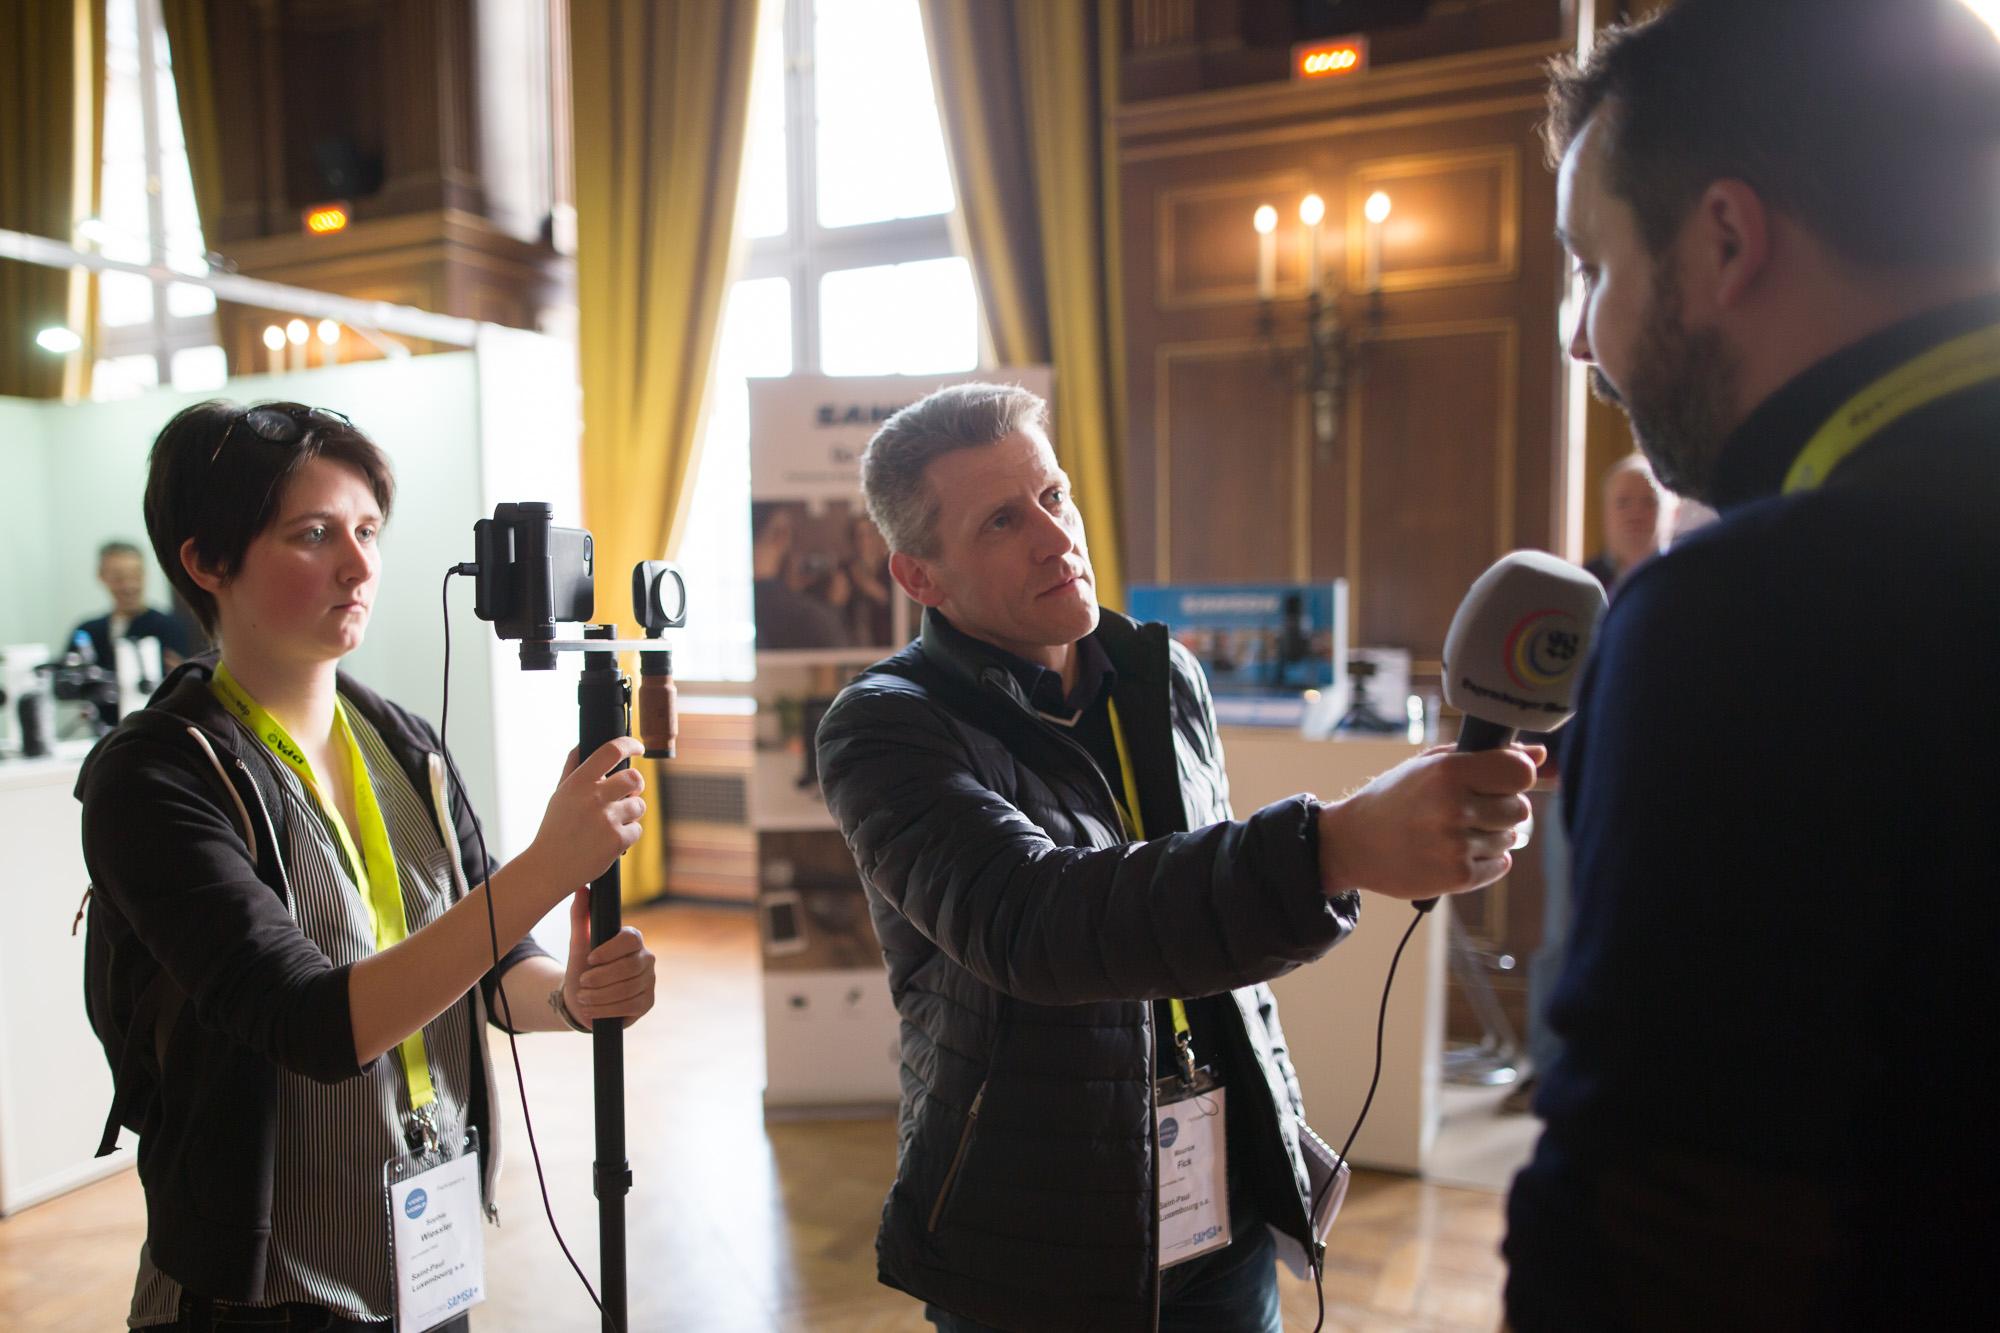 Les participants aux Rencontres francophones de la vidéo mobile bénéficient  d une réduction de 15% sur le tarif des formations dispensées par Samsa.fr  les 5 ... 76fa19dda2b4